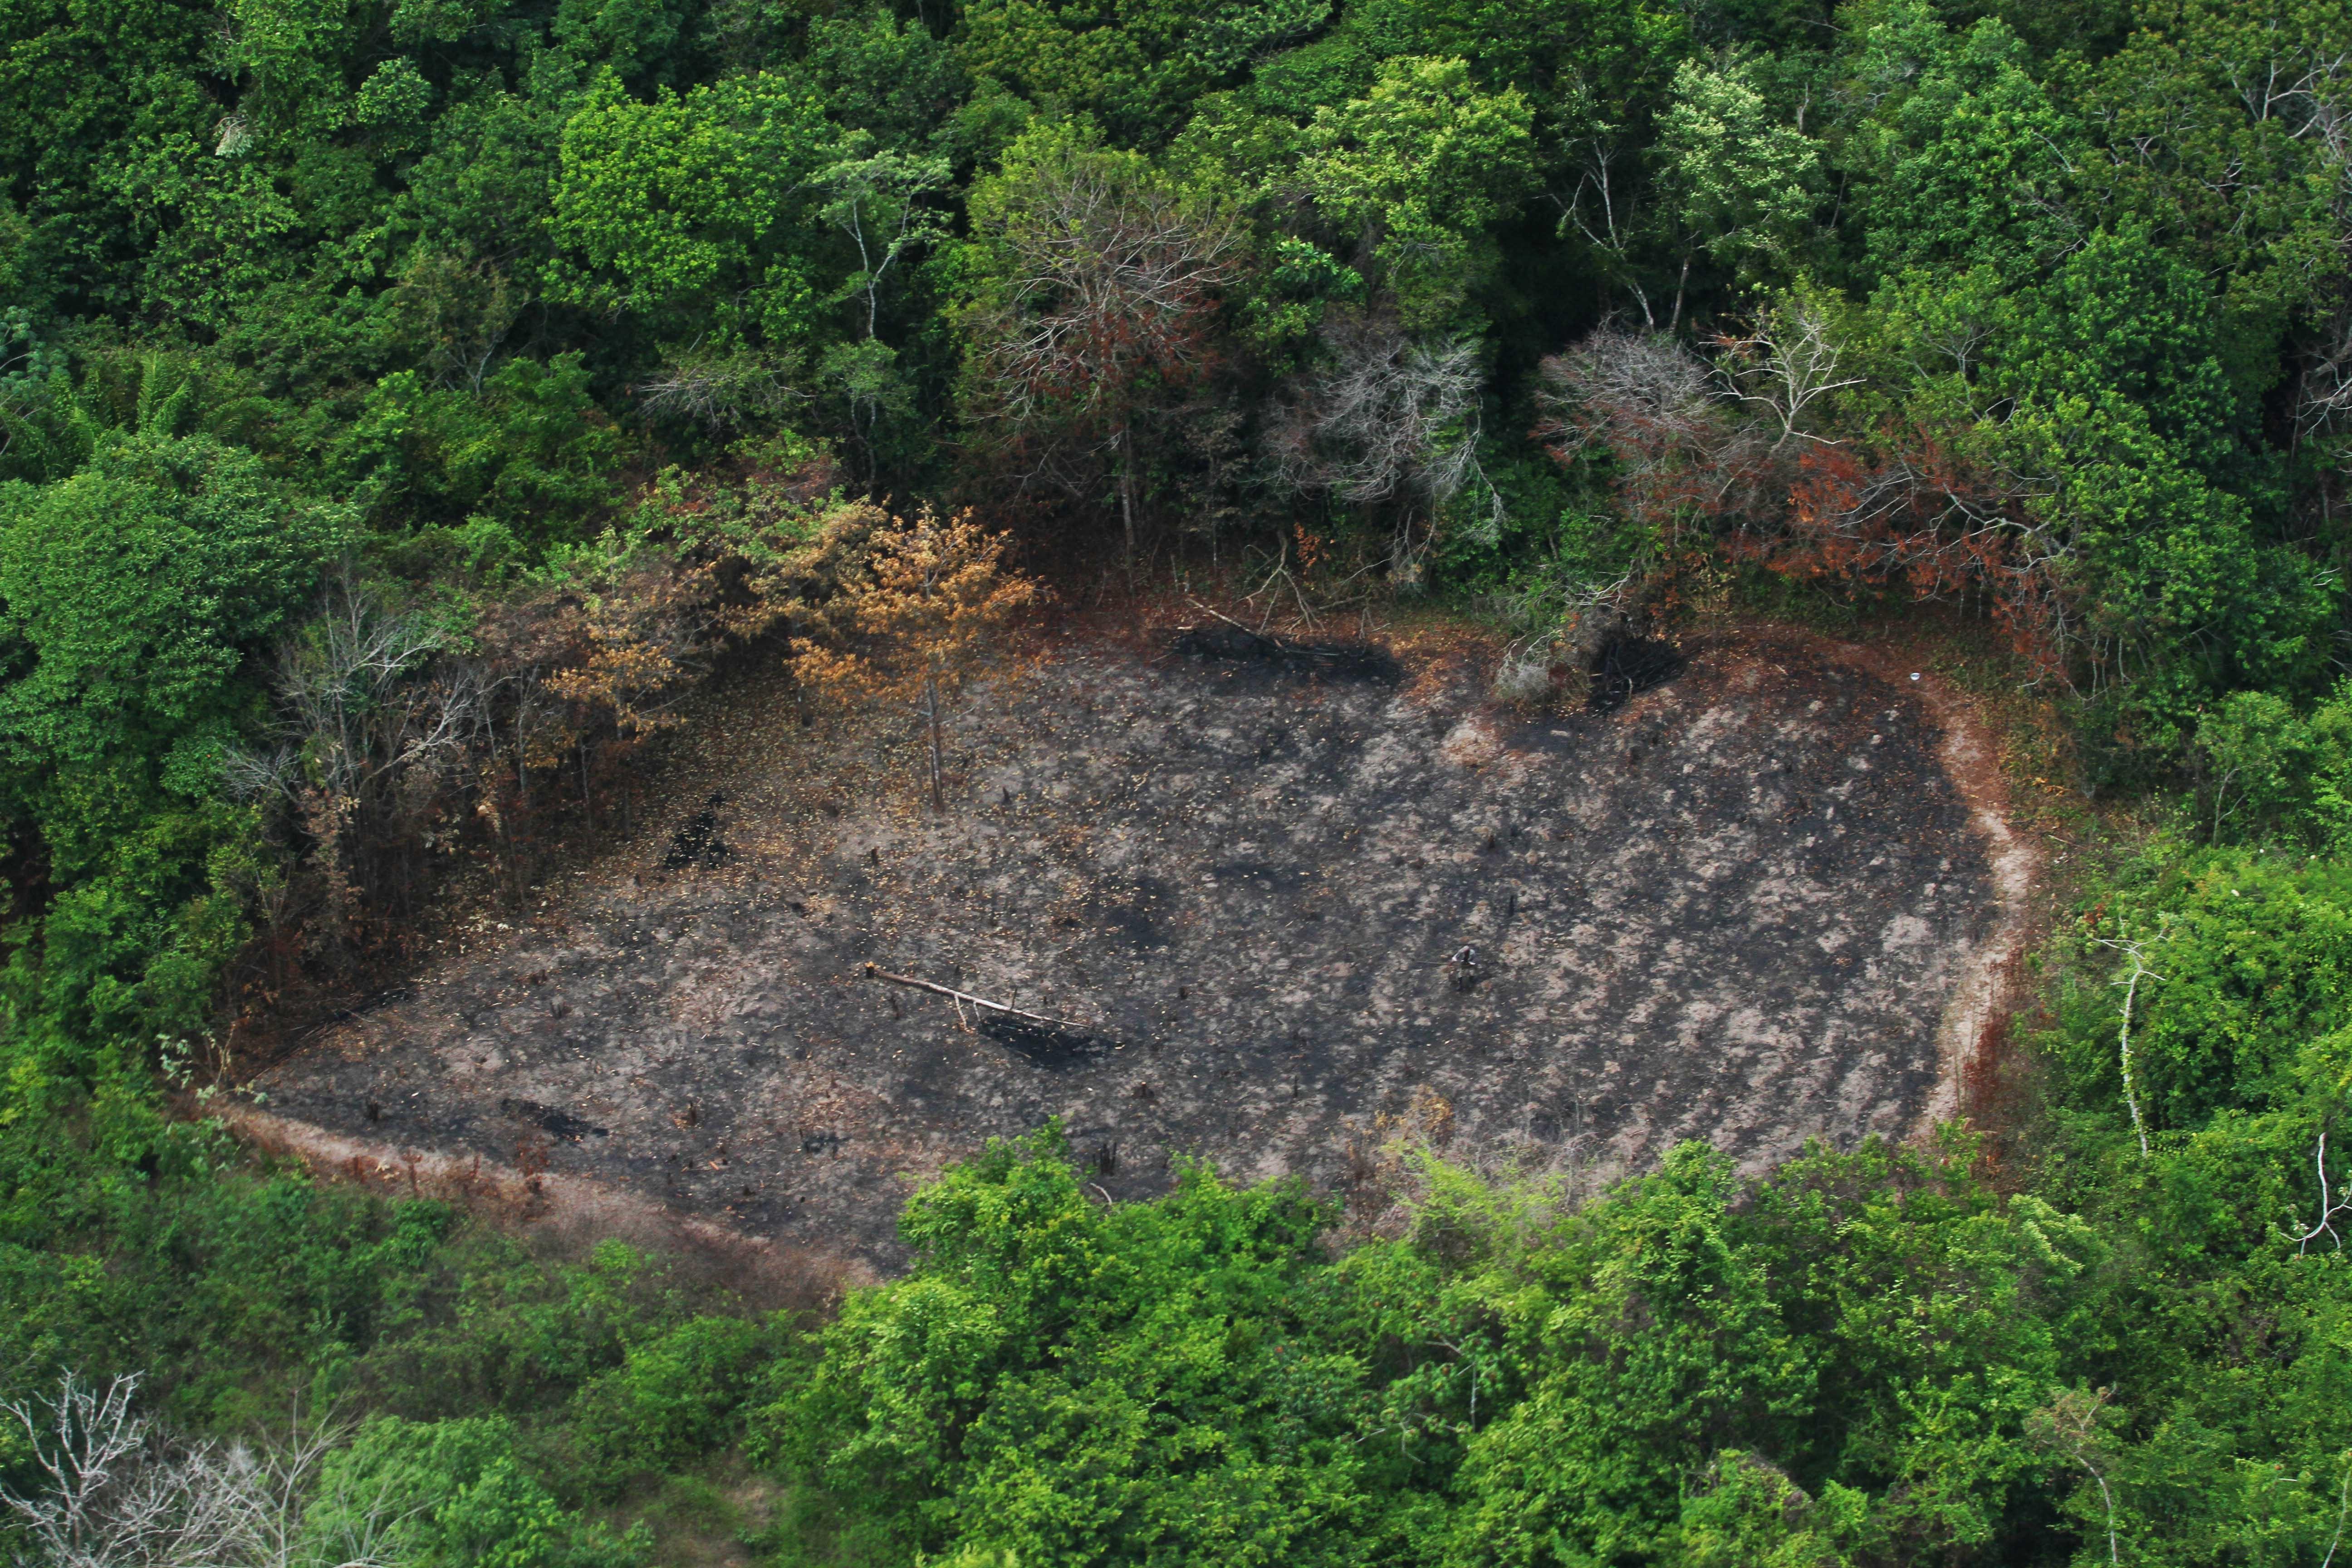 Meio Ambiente - queimada e desmatamento - deflorestamento madeiras derrubada árvores fiscalização clandestino Ibama Amazônia